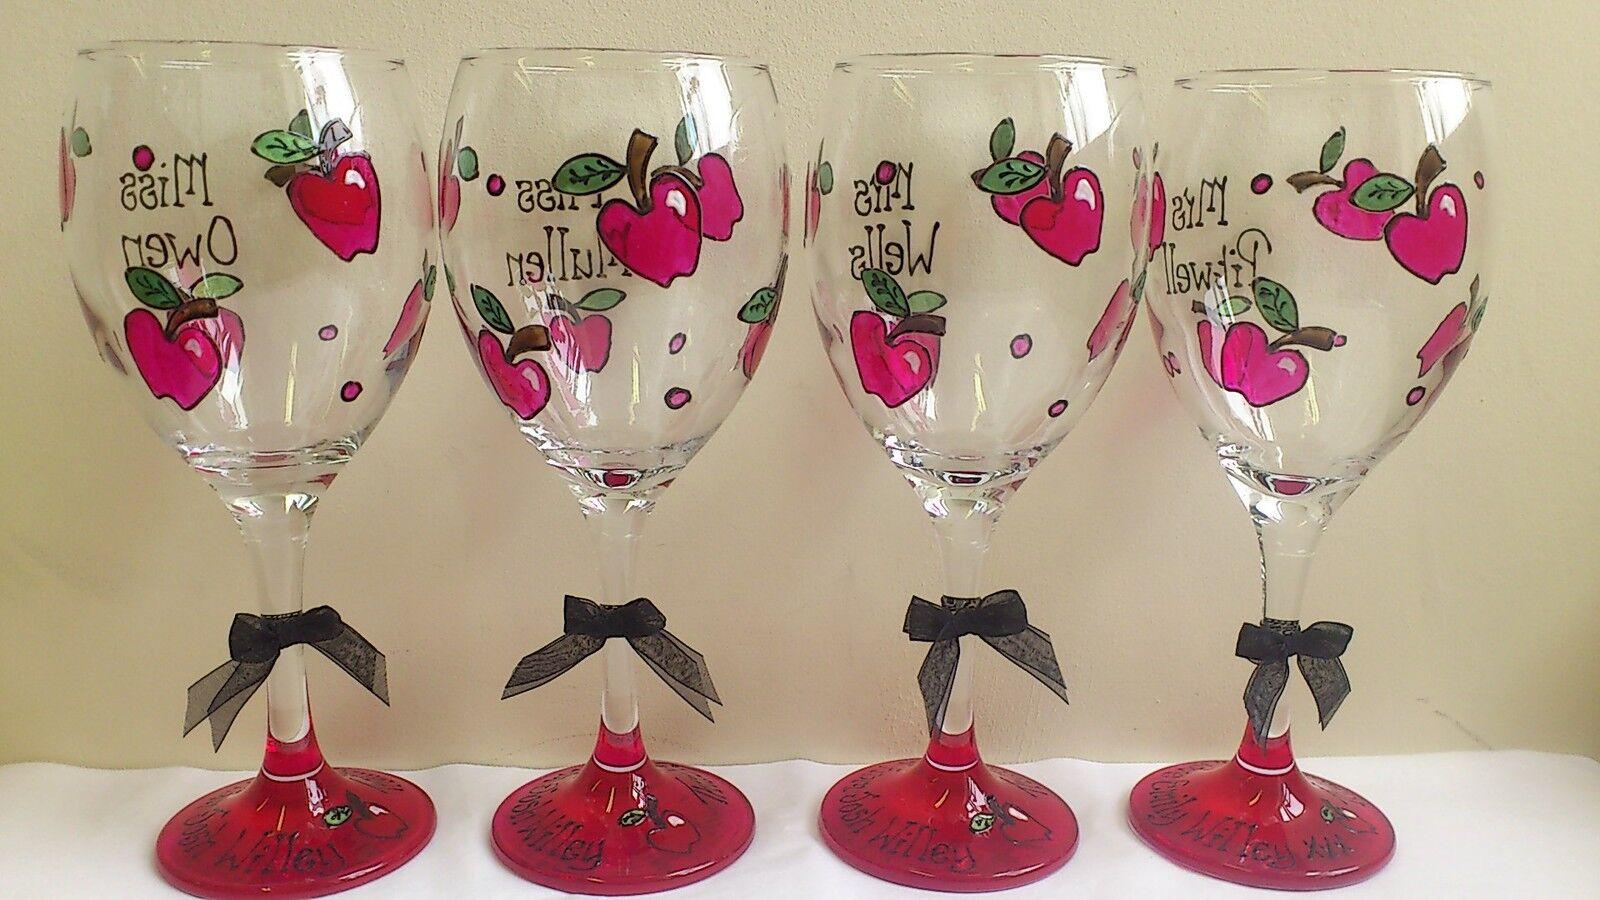 Luci Lu Designs Glassware